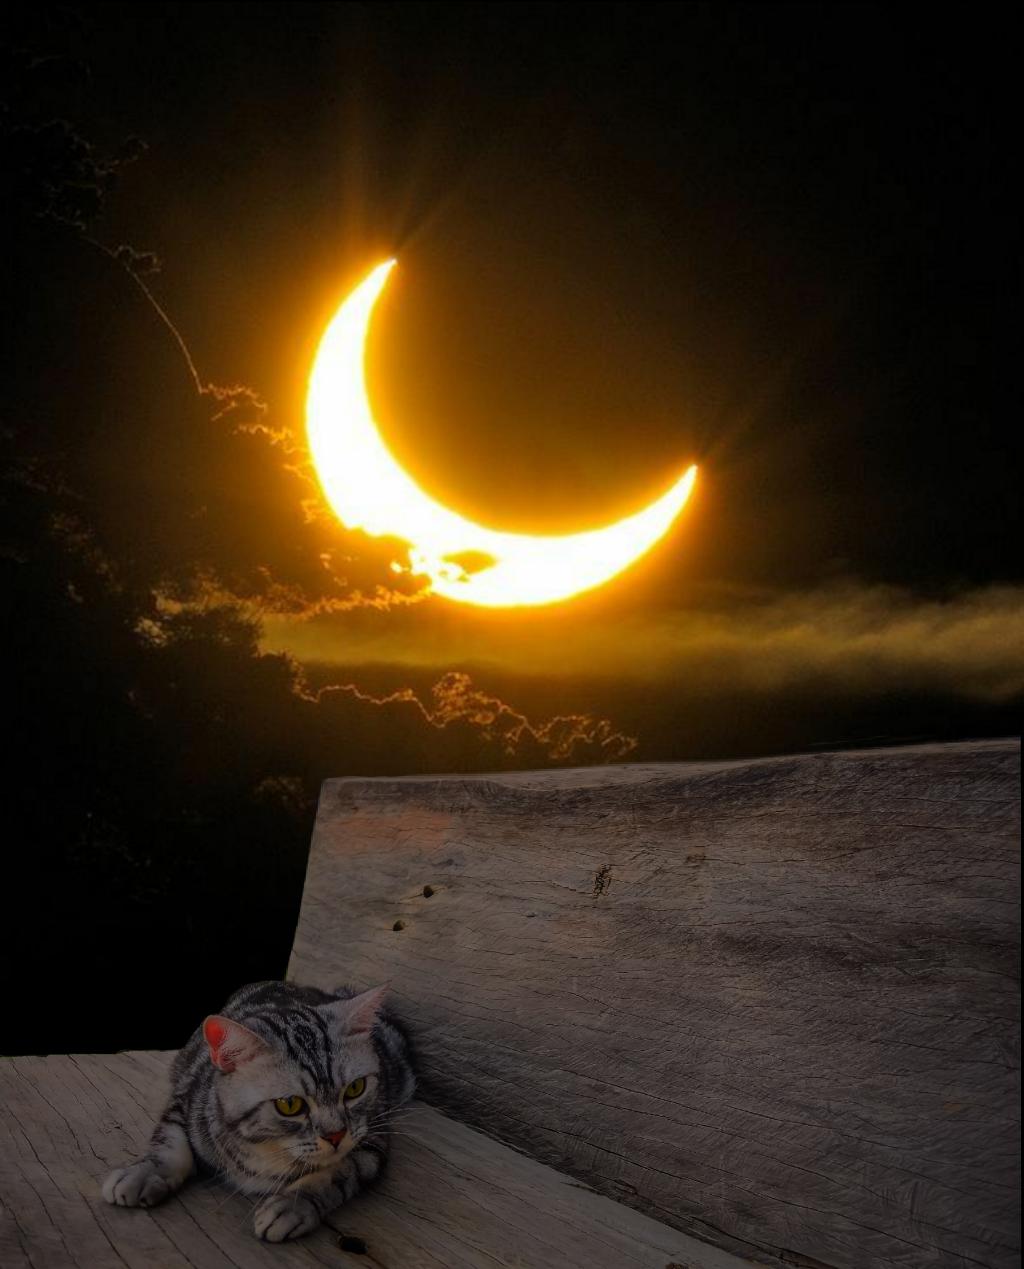 #freetoedit @pa @freetoedit #myedit #madewithpicsart #moon #cat